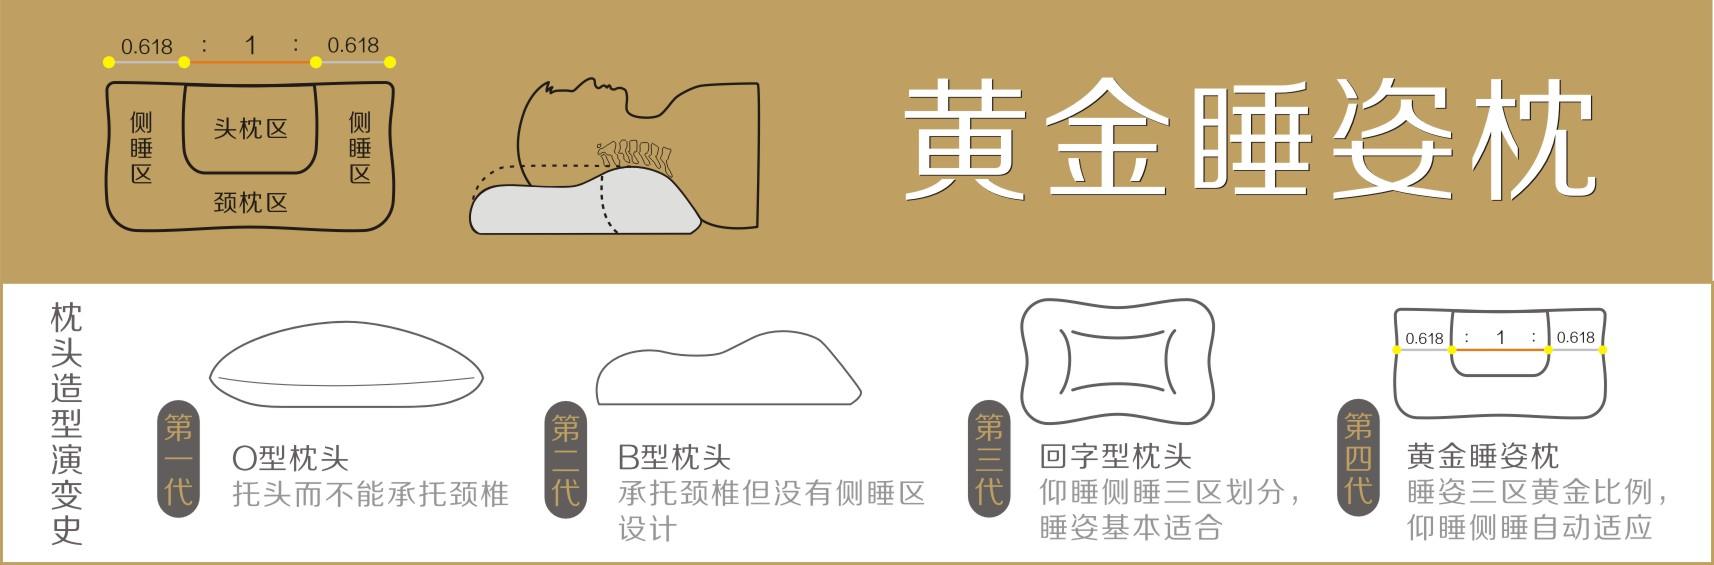 黄金睡姿枕 颈椎枕头 第四代枕头技术